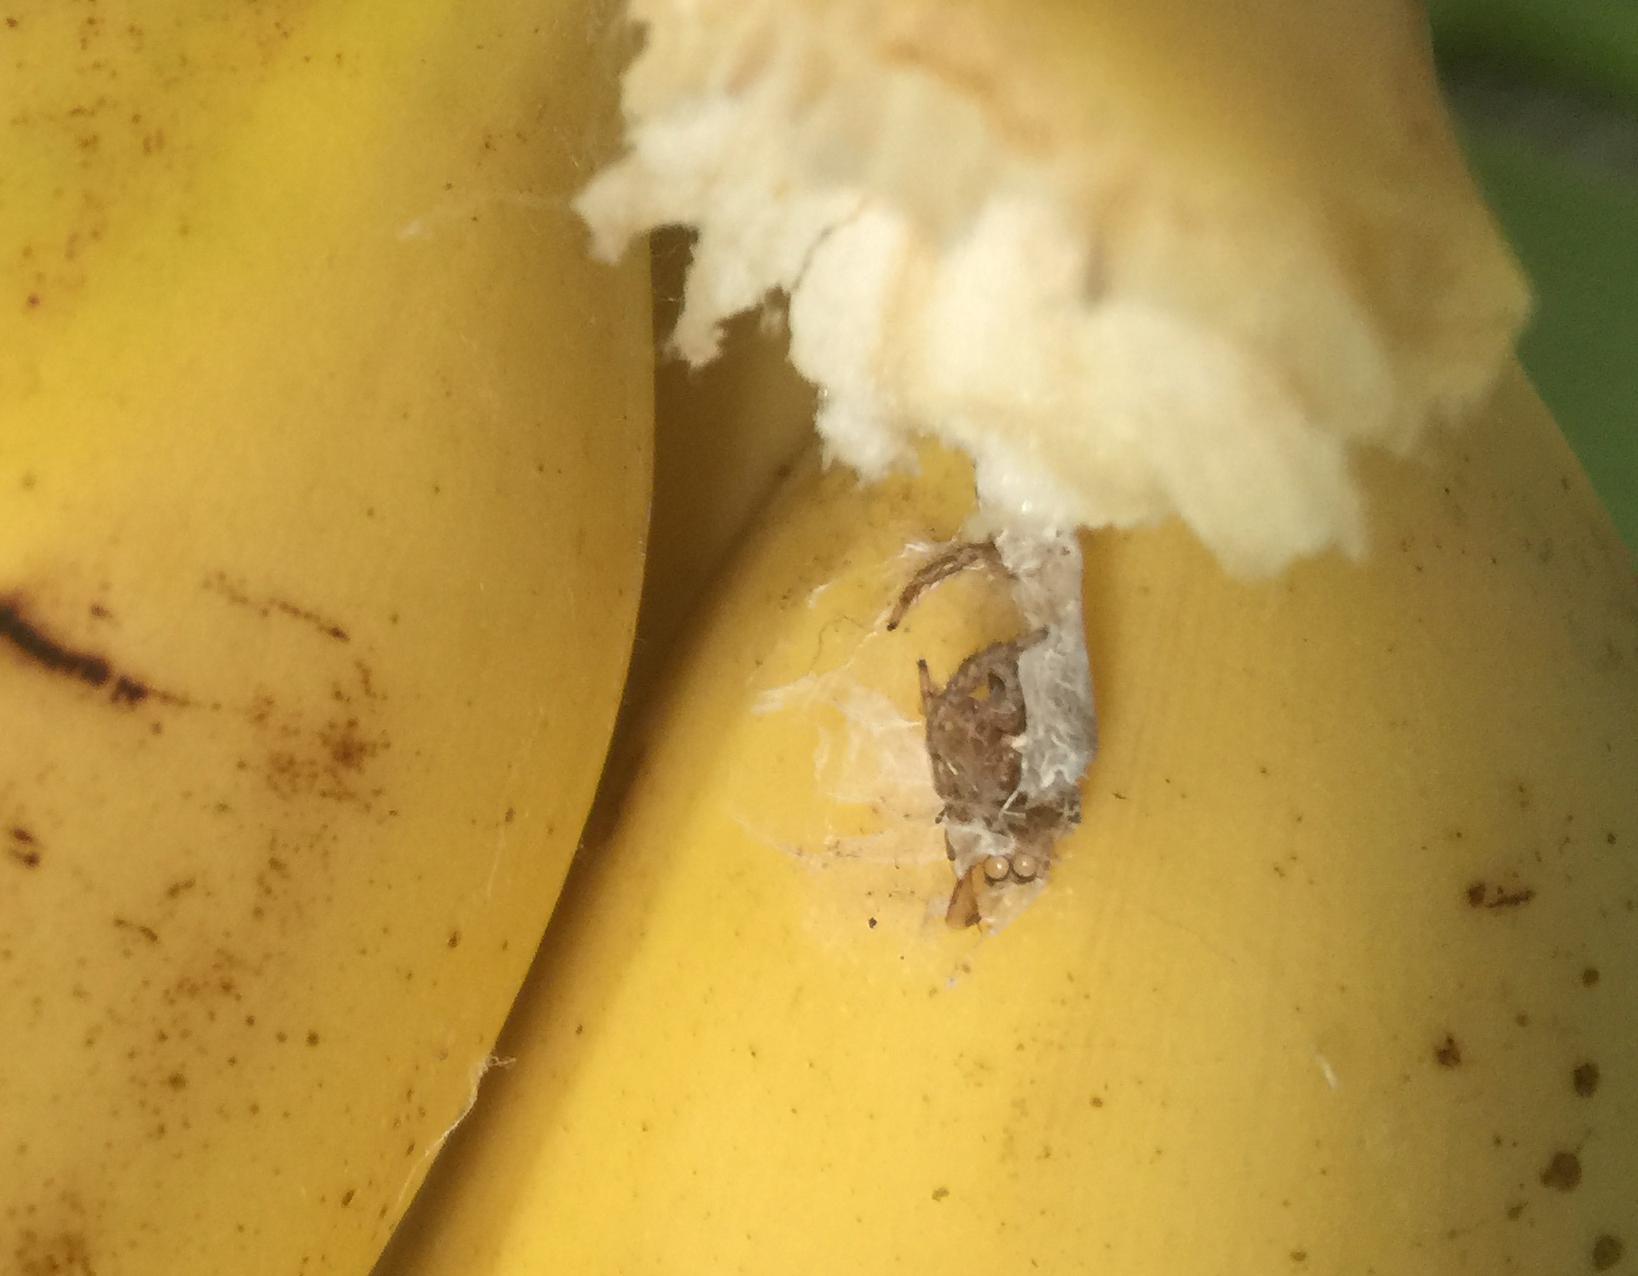 Bananenspinne Eier In Banane